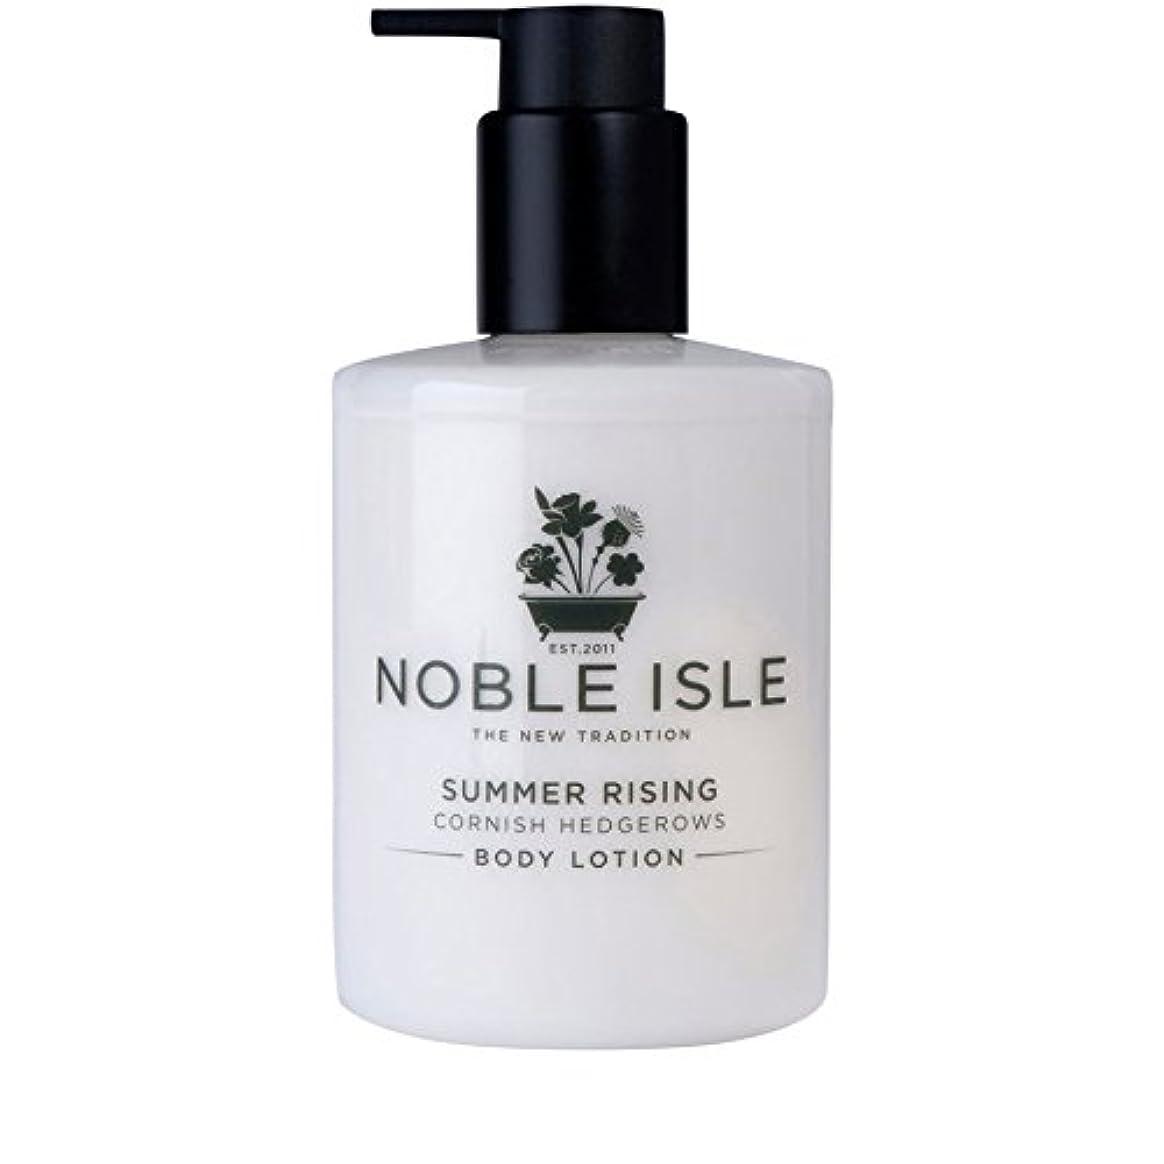 自発的ラインナップ現れるNoble Isle Summer Rising Cornish Hedgerows Body Lotion 250ml - コーニッシュ生け垣ボディローション250ミリリットルを上昇高貴な島の夏 [並行輸入品]